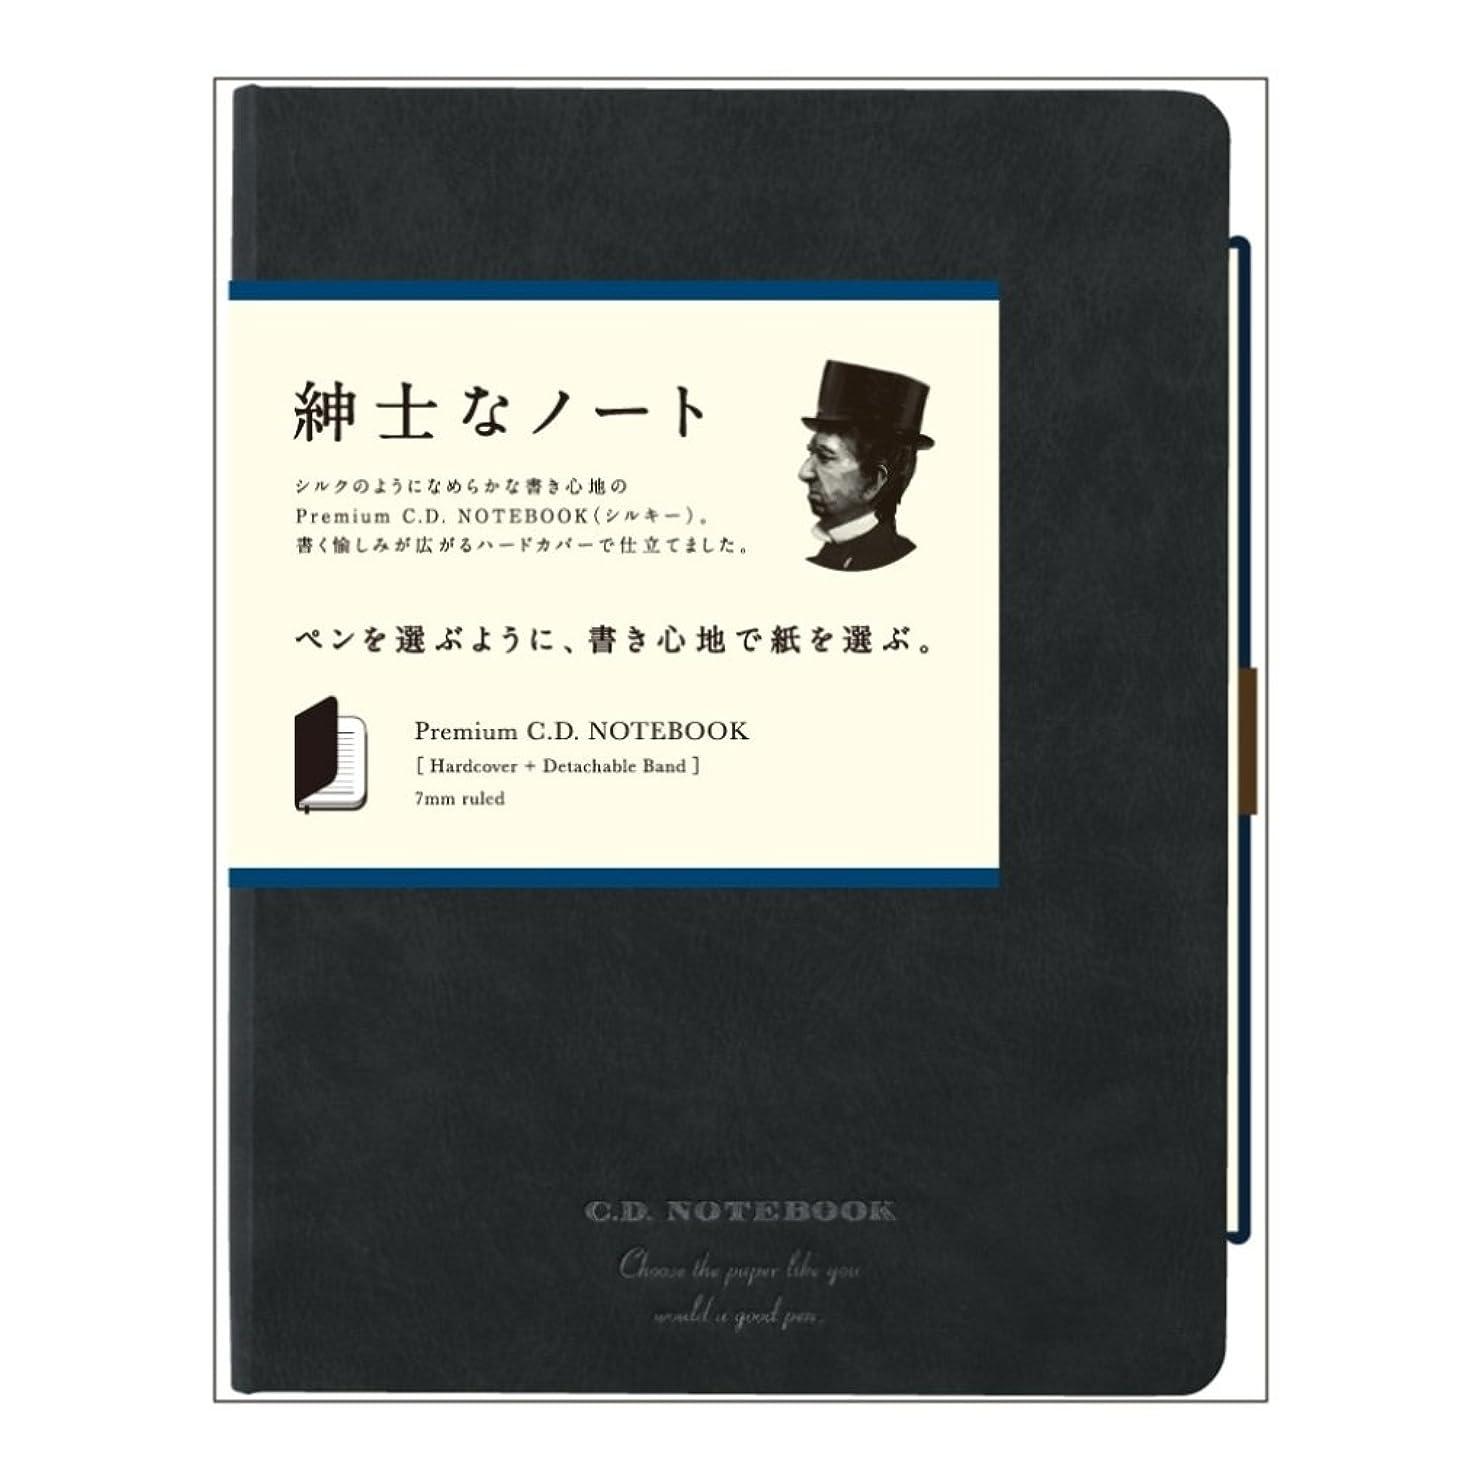 アピカ プレミアムCD ノート ハードカバー 横罫 A5 ブラック CDS250Y